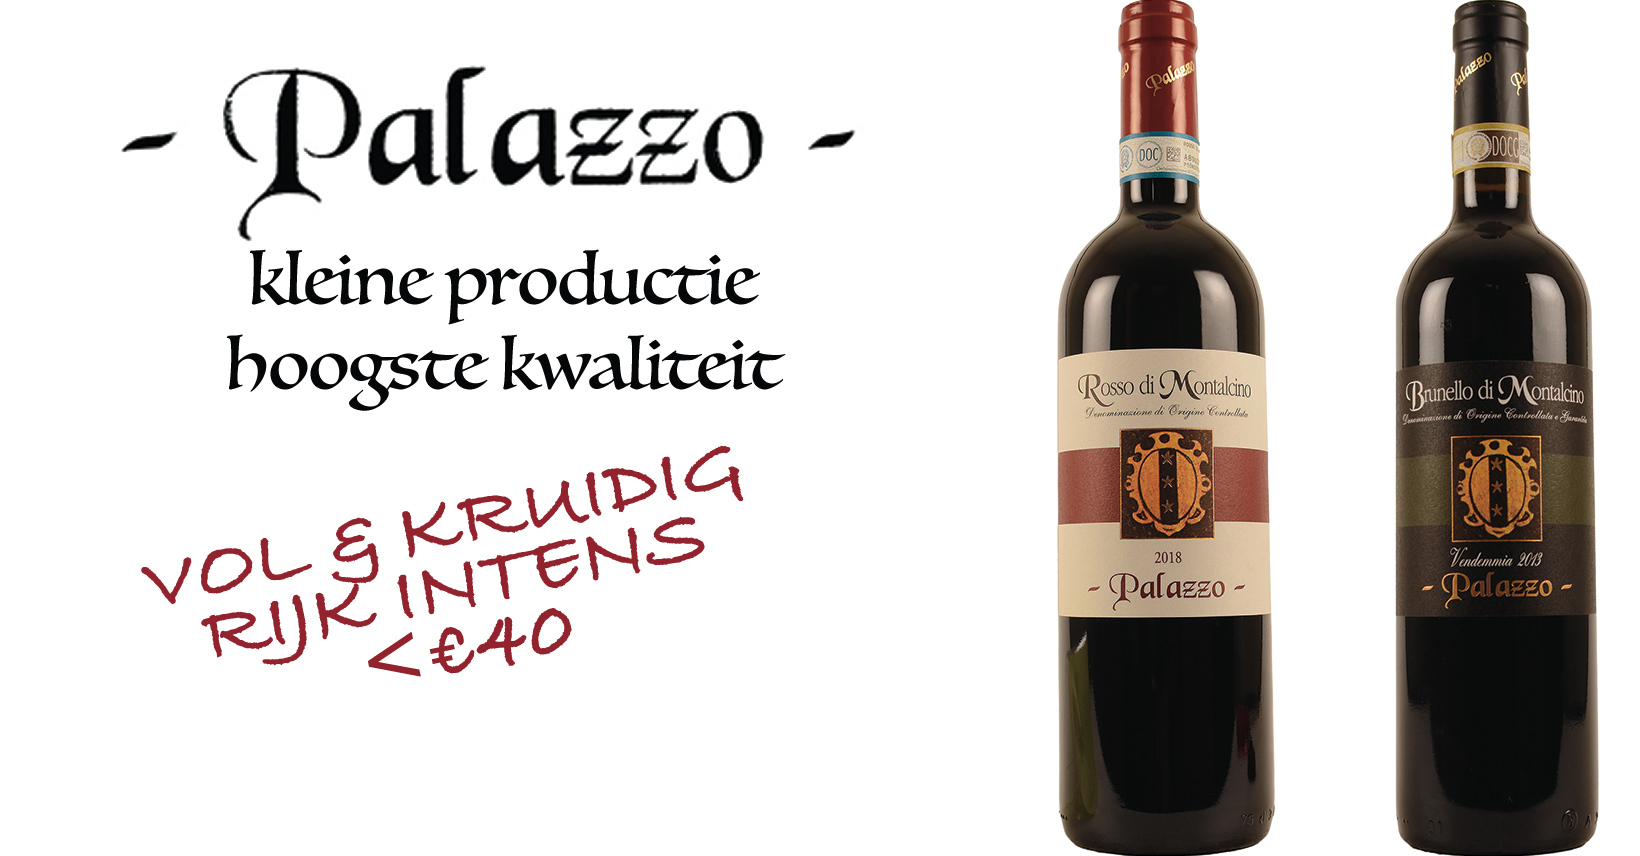 Palazzo Italiaanse wijn promo toscane montalcino